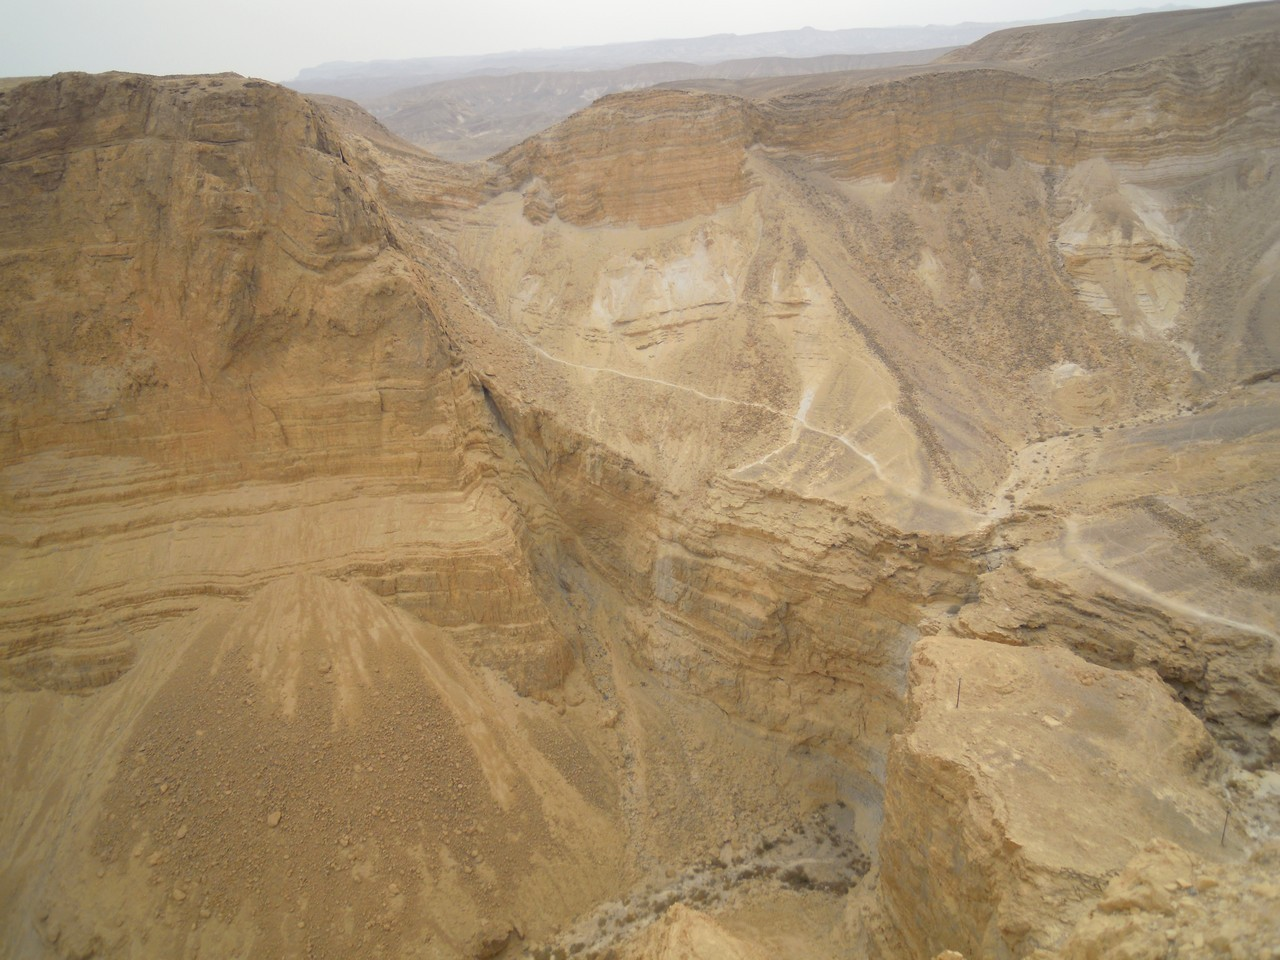 désert près de la mer morte et Masada, lieu de résistance pour les juifs